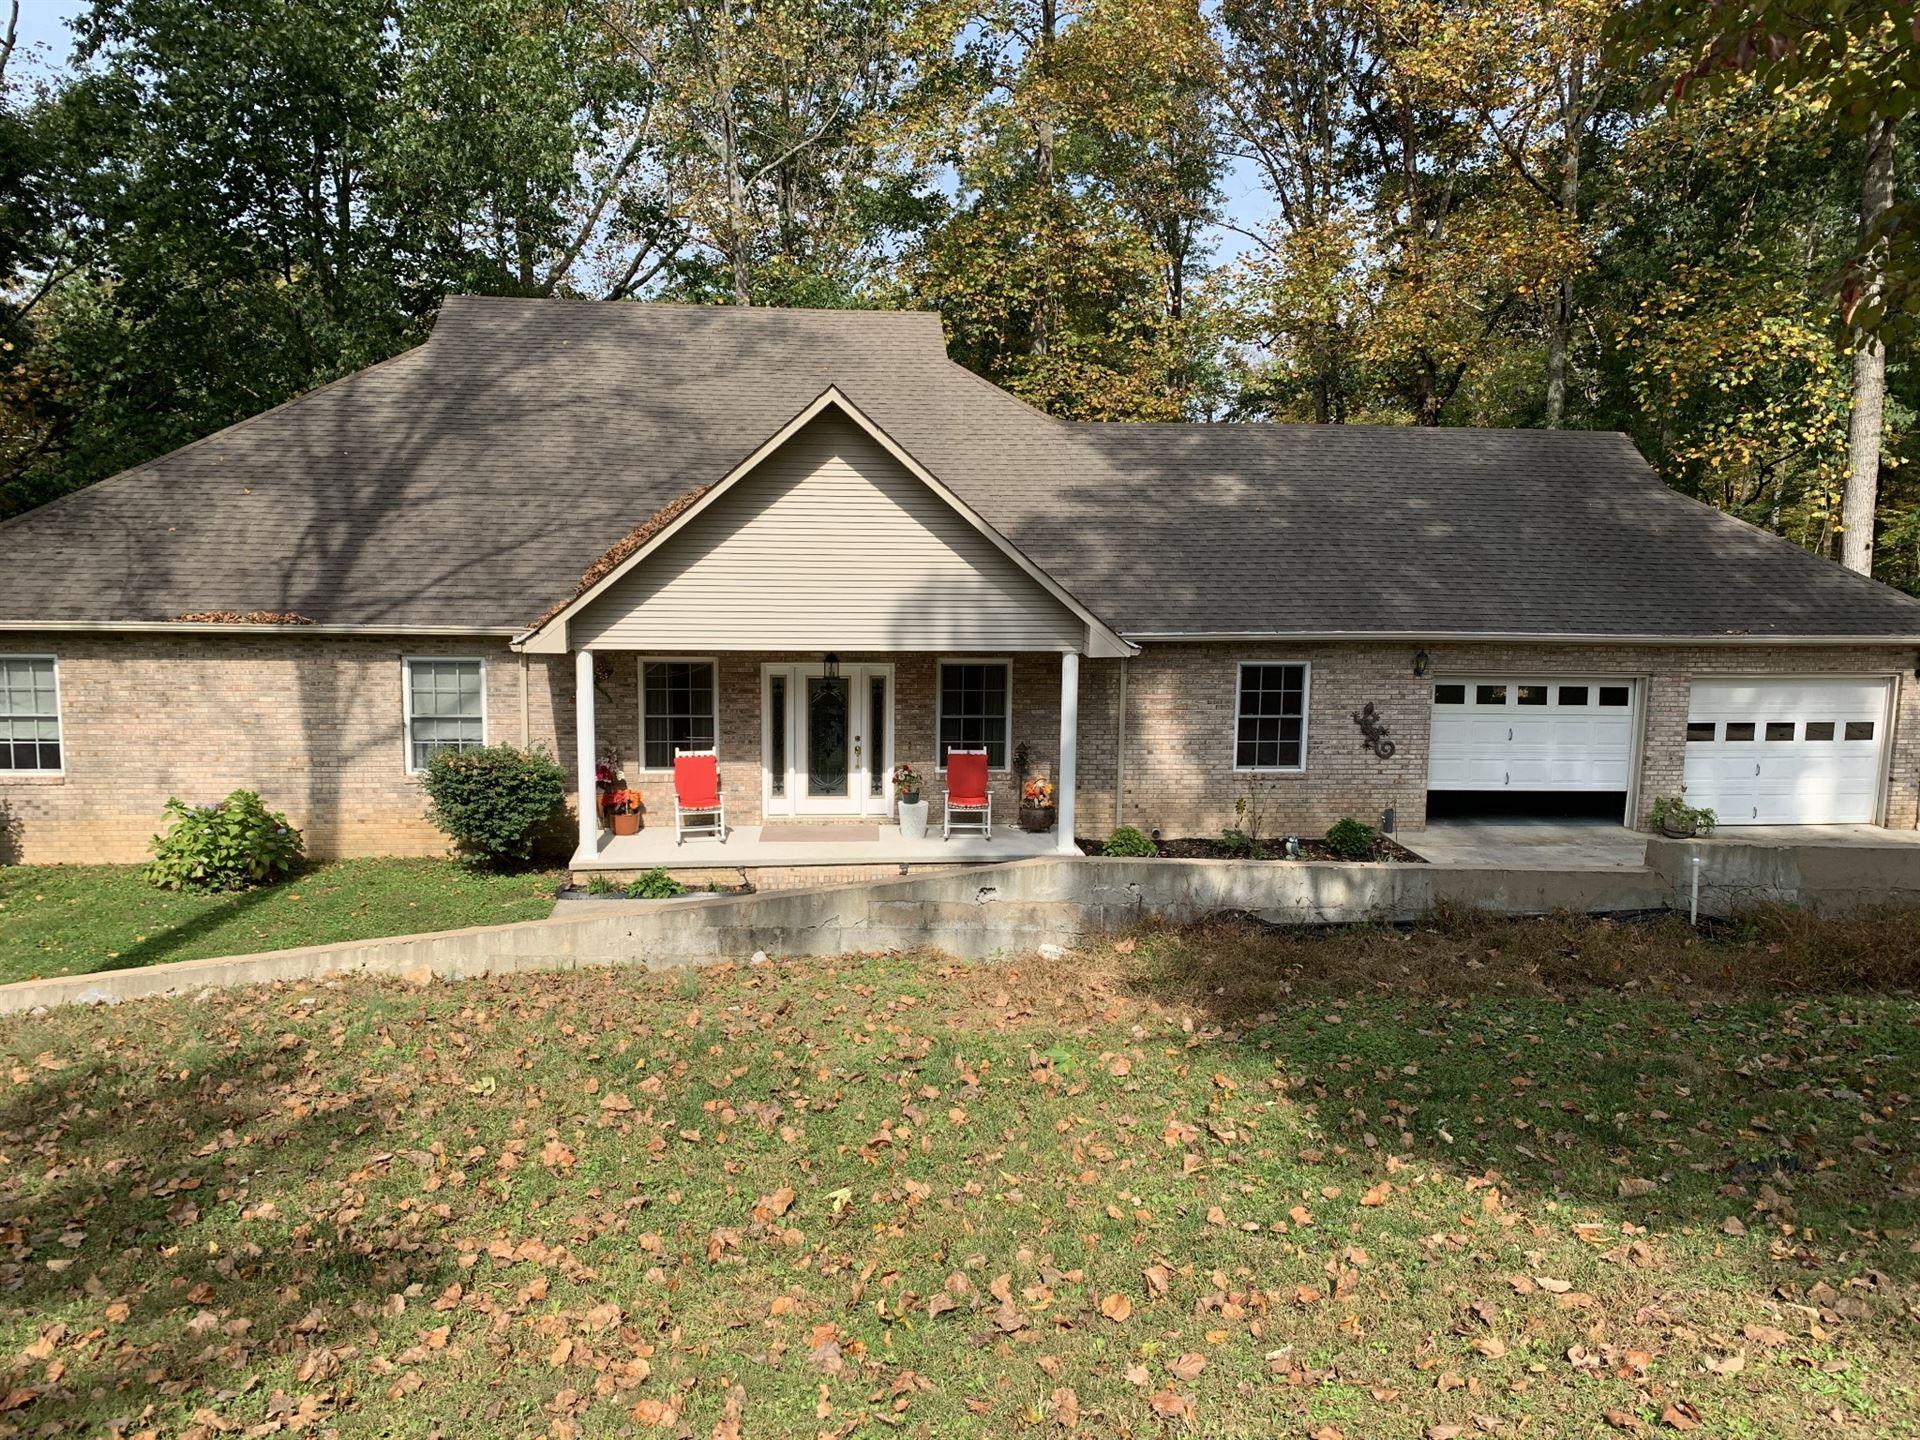 393 Dry Creek Ln, Winchester, TN 37398 - MLS#: 2199606